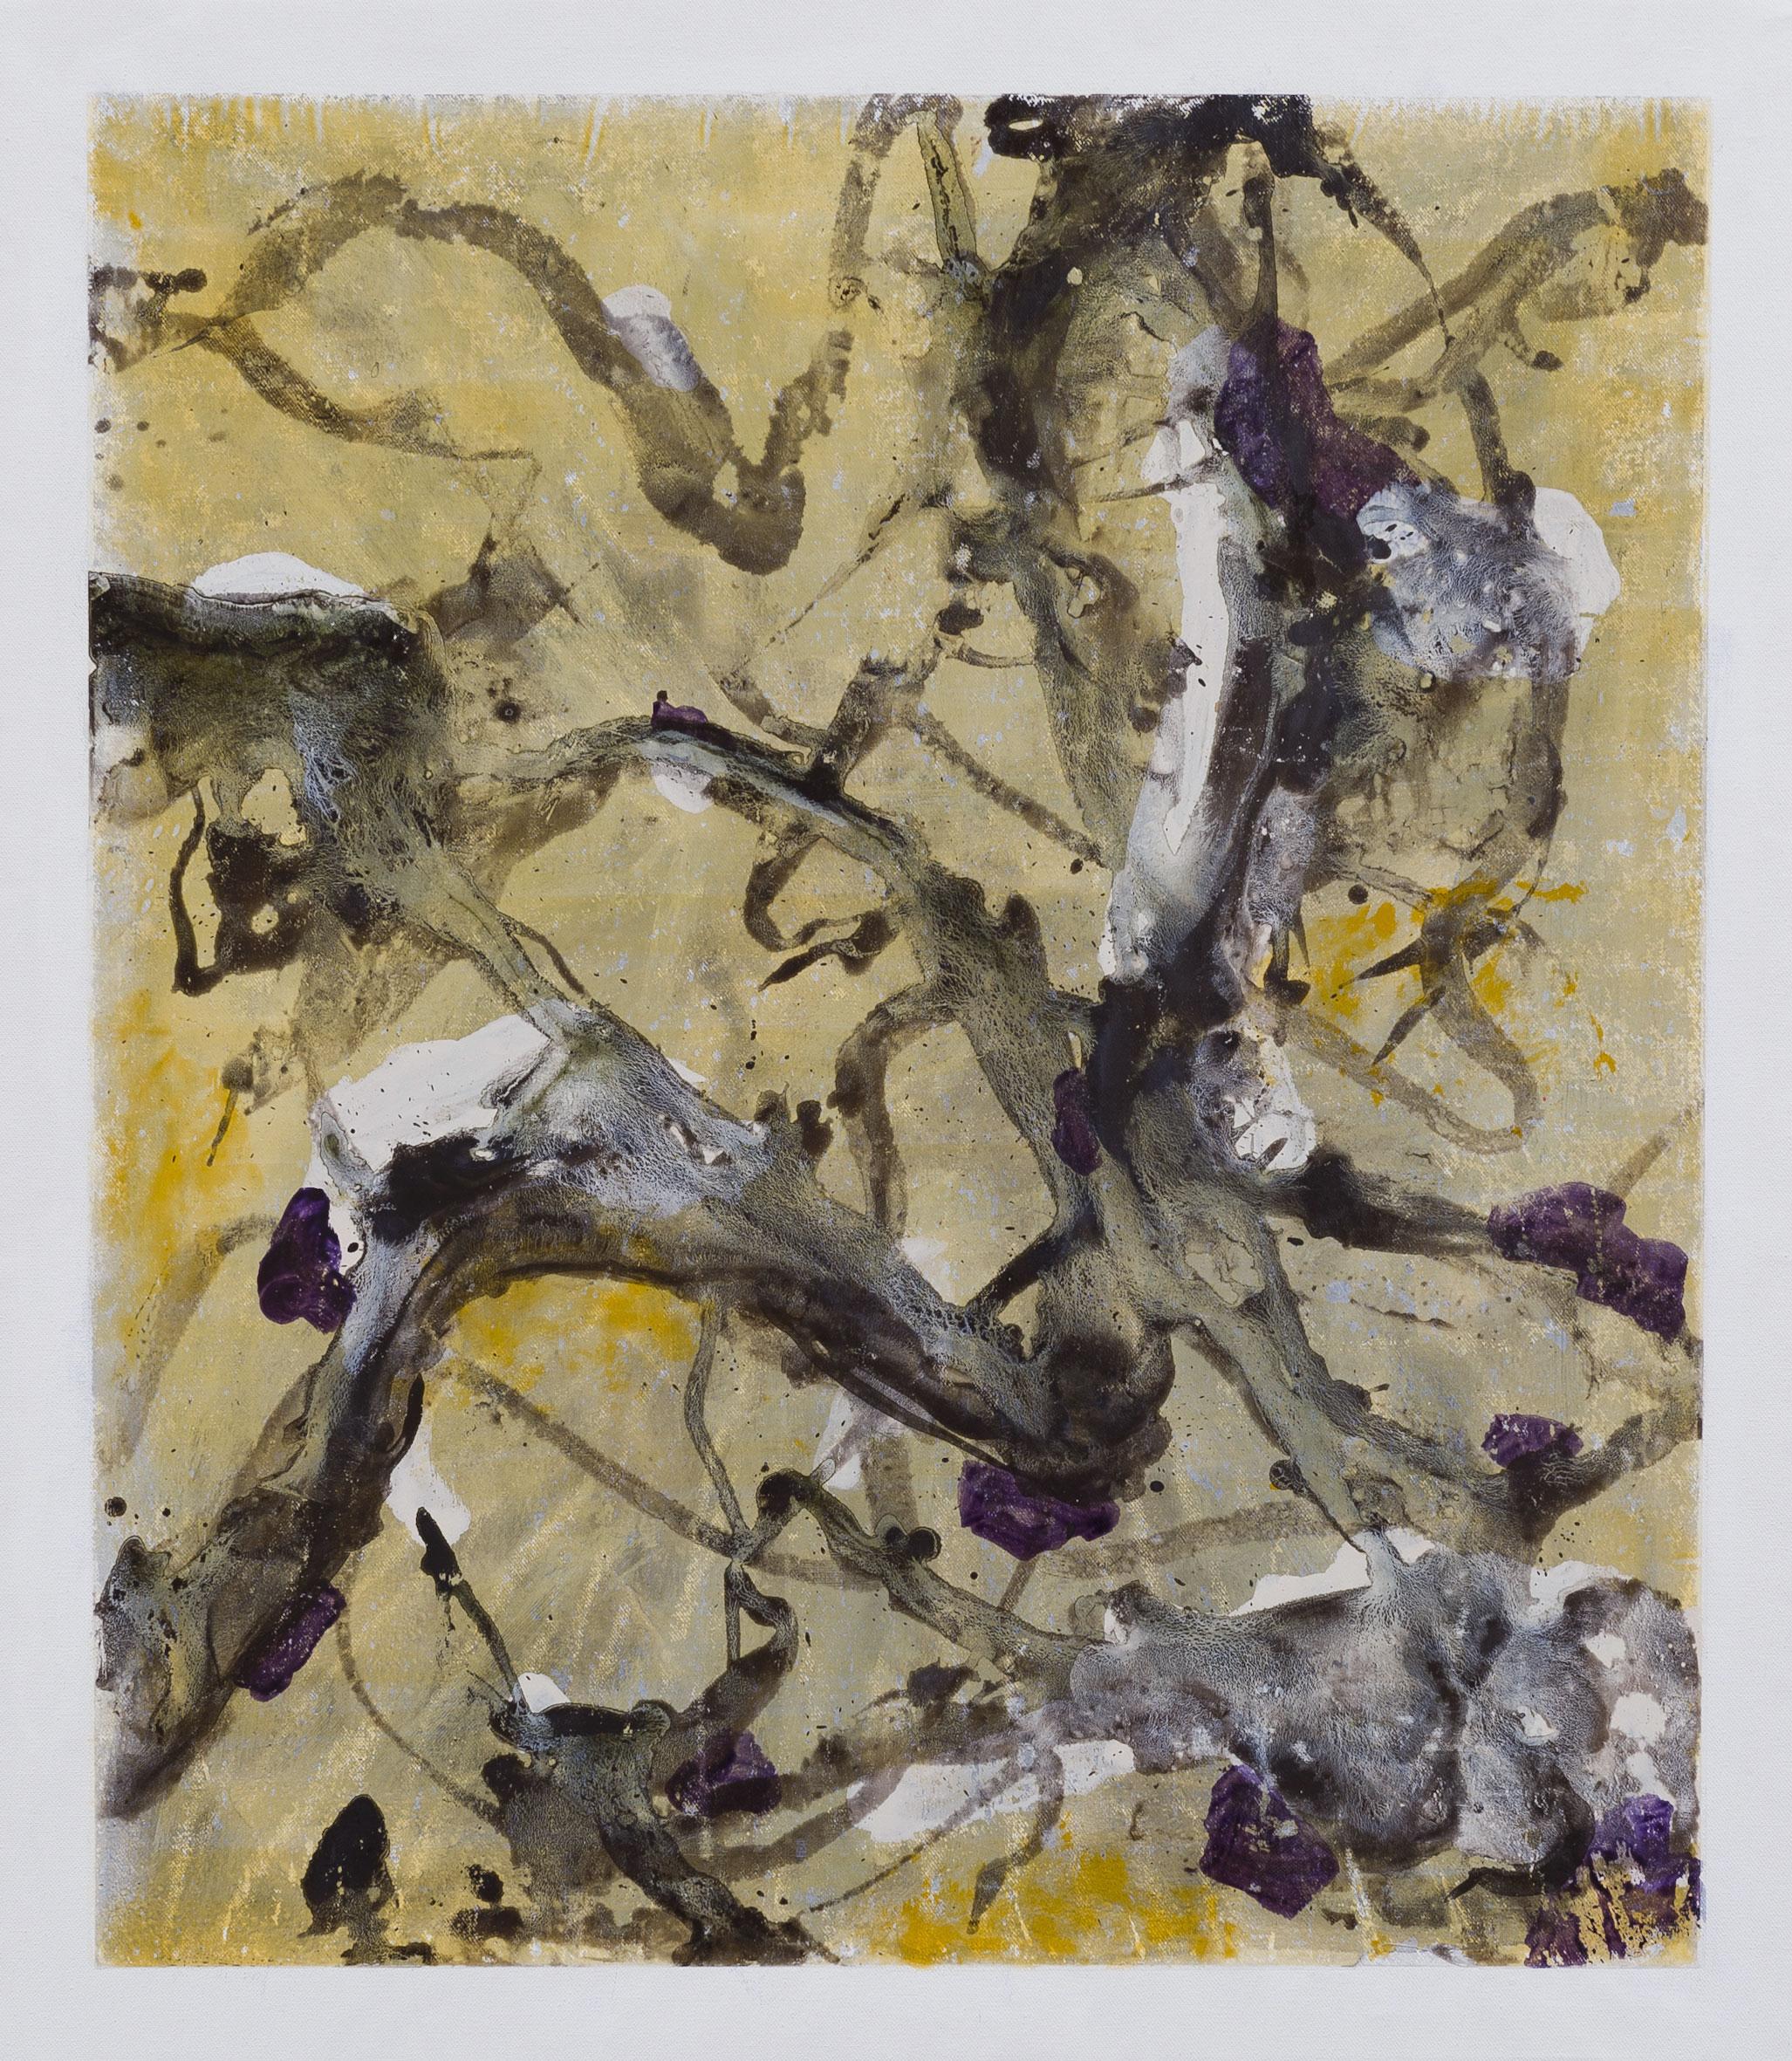 Branchage, acrylique sur toile, 70 x 60 cm, 2013.